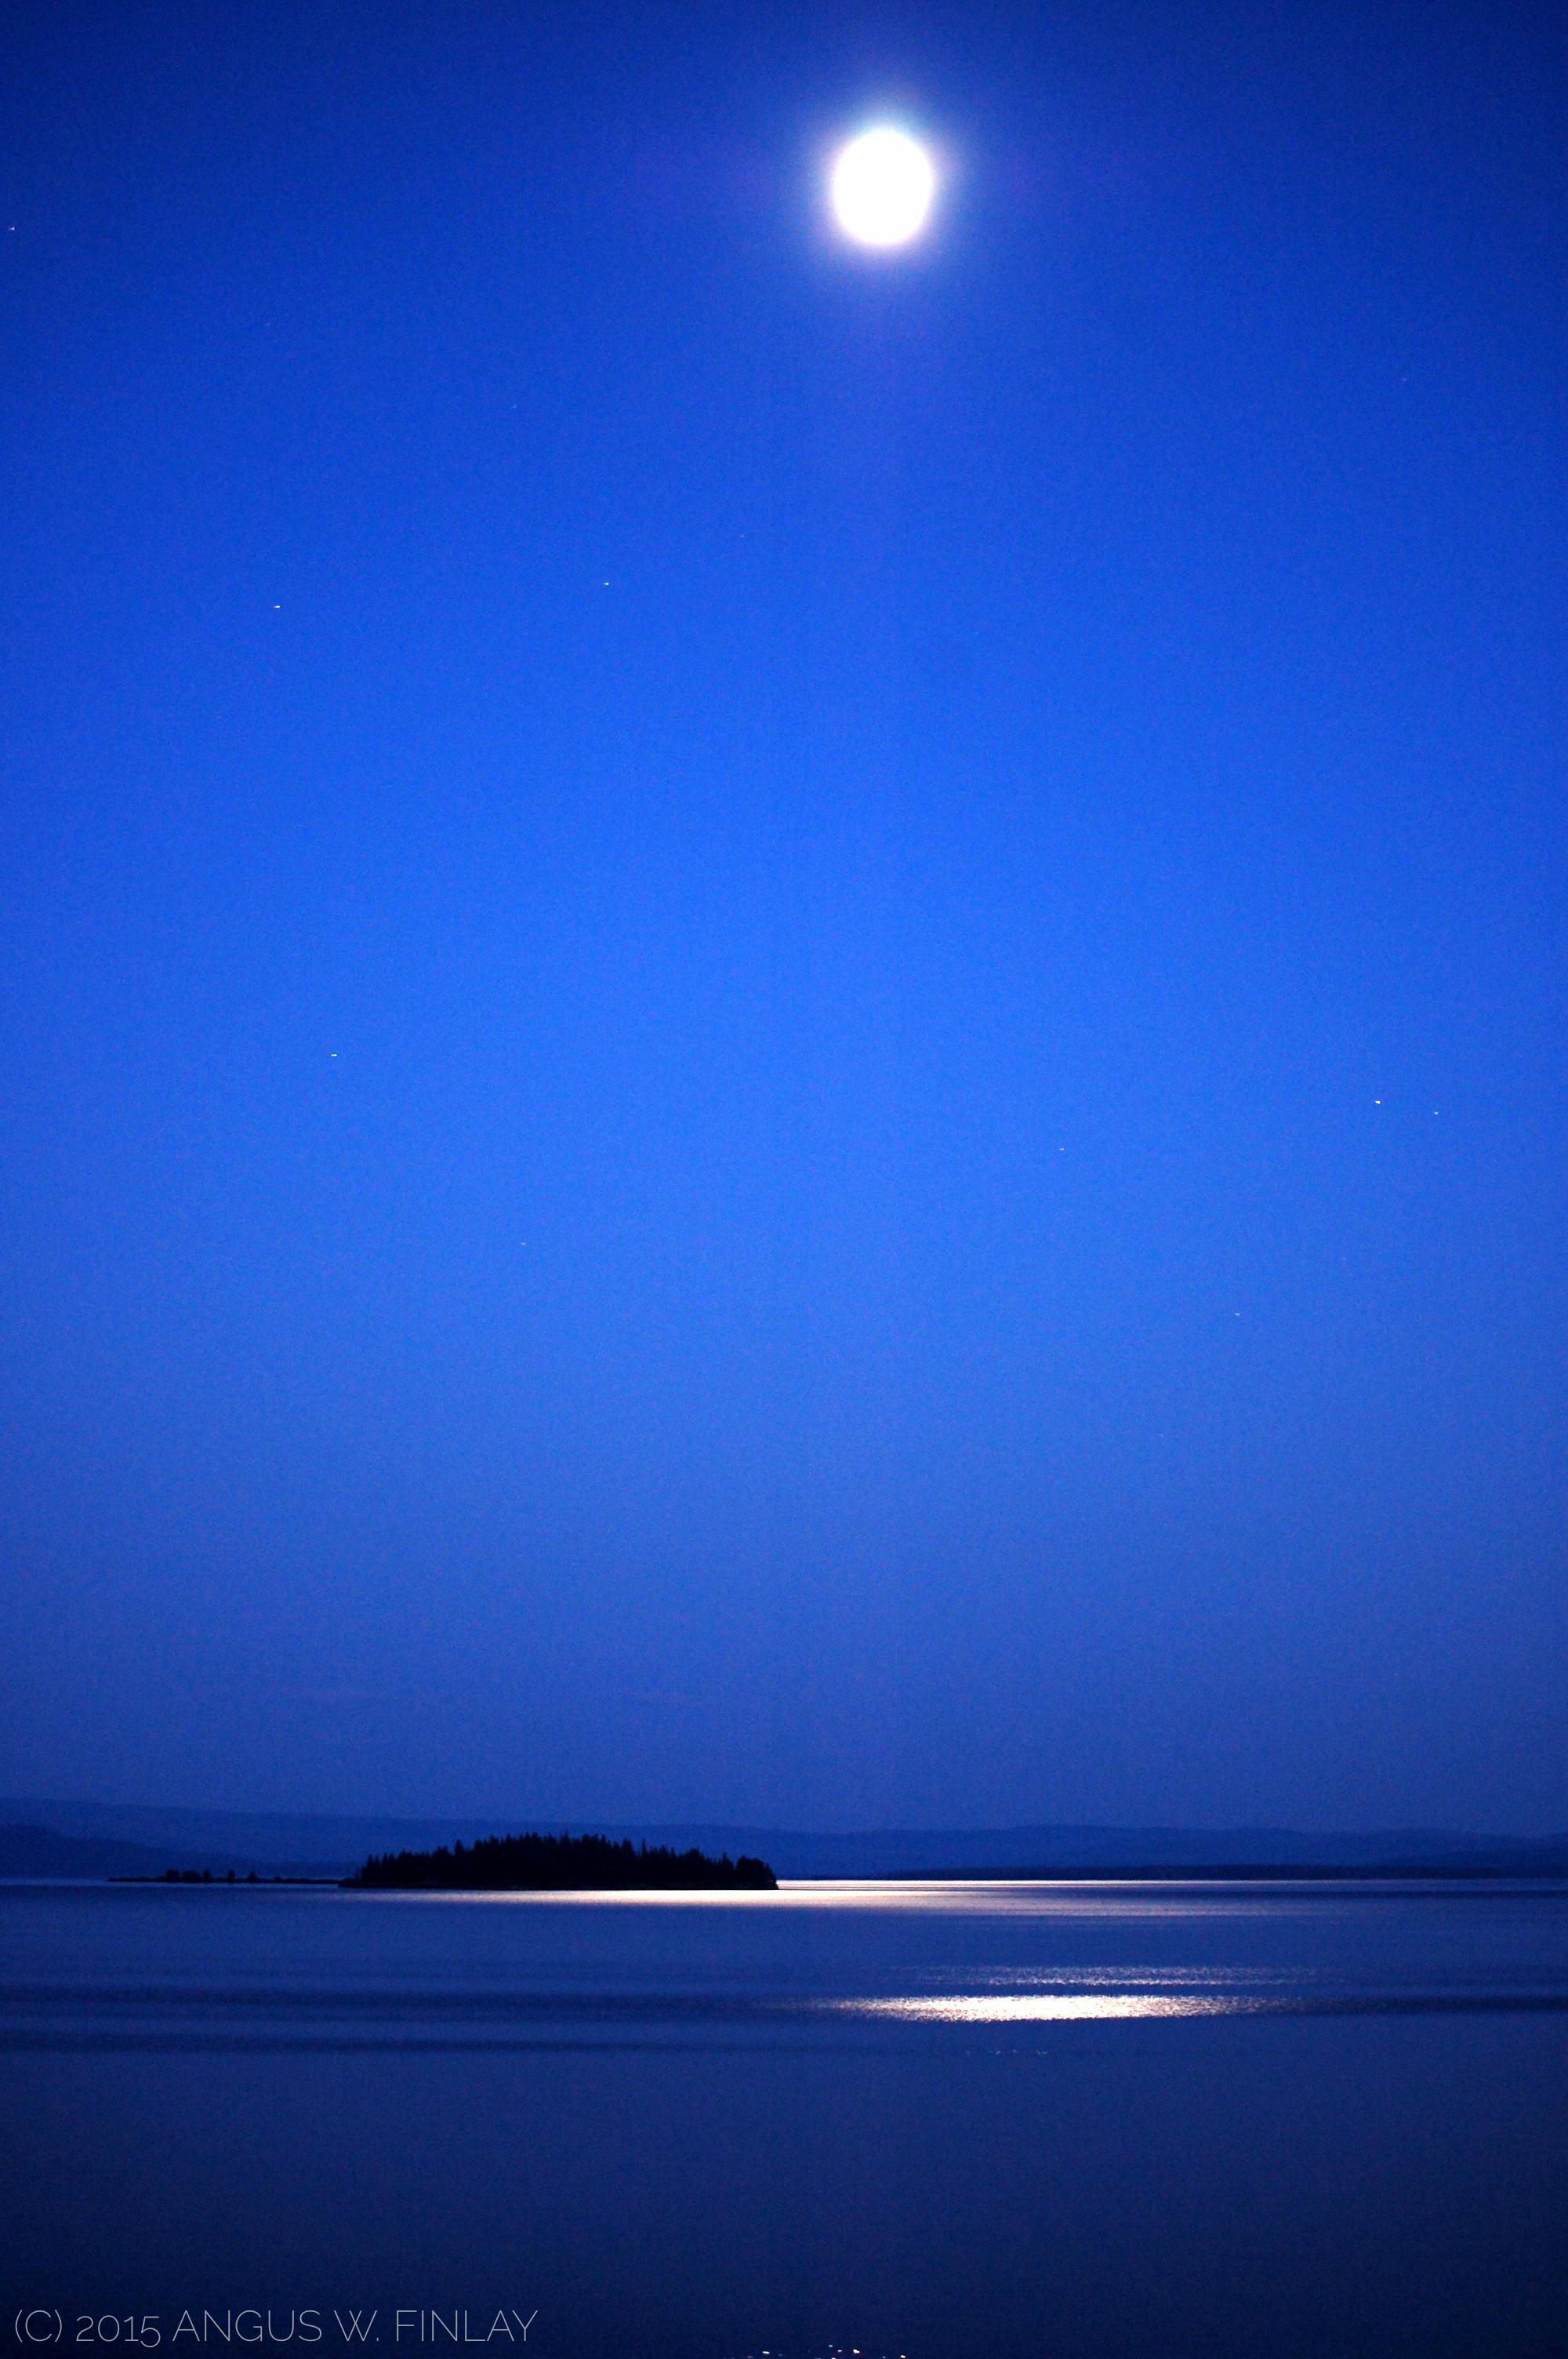 Lake Moonrise